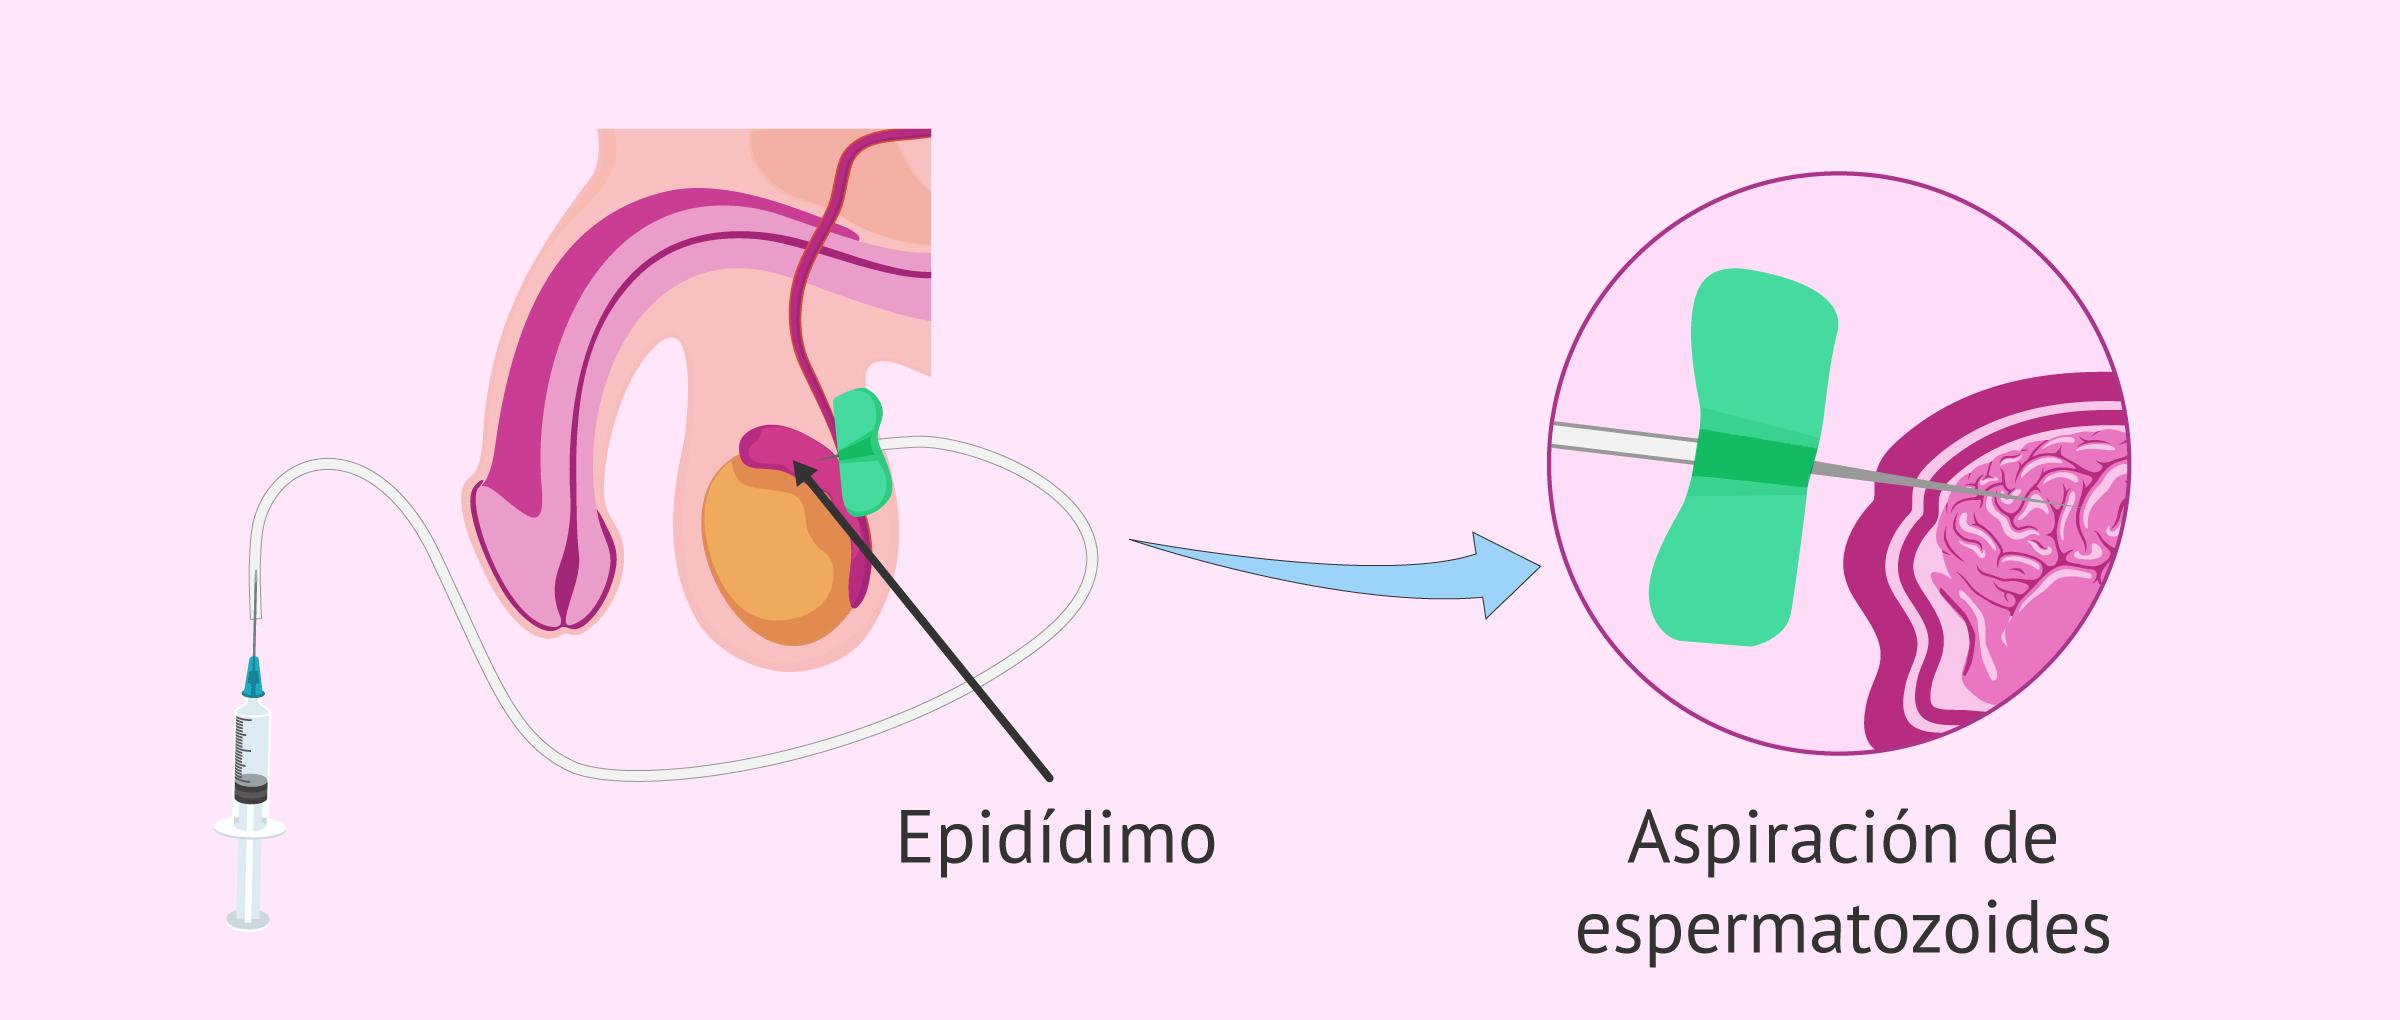 ¿Qué es la aspiración de espermatozoides del epidídimo?